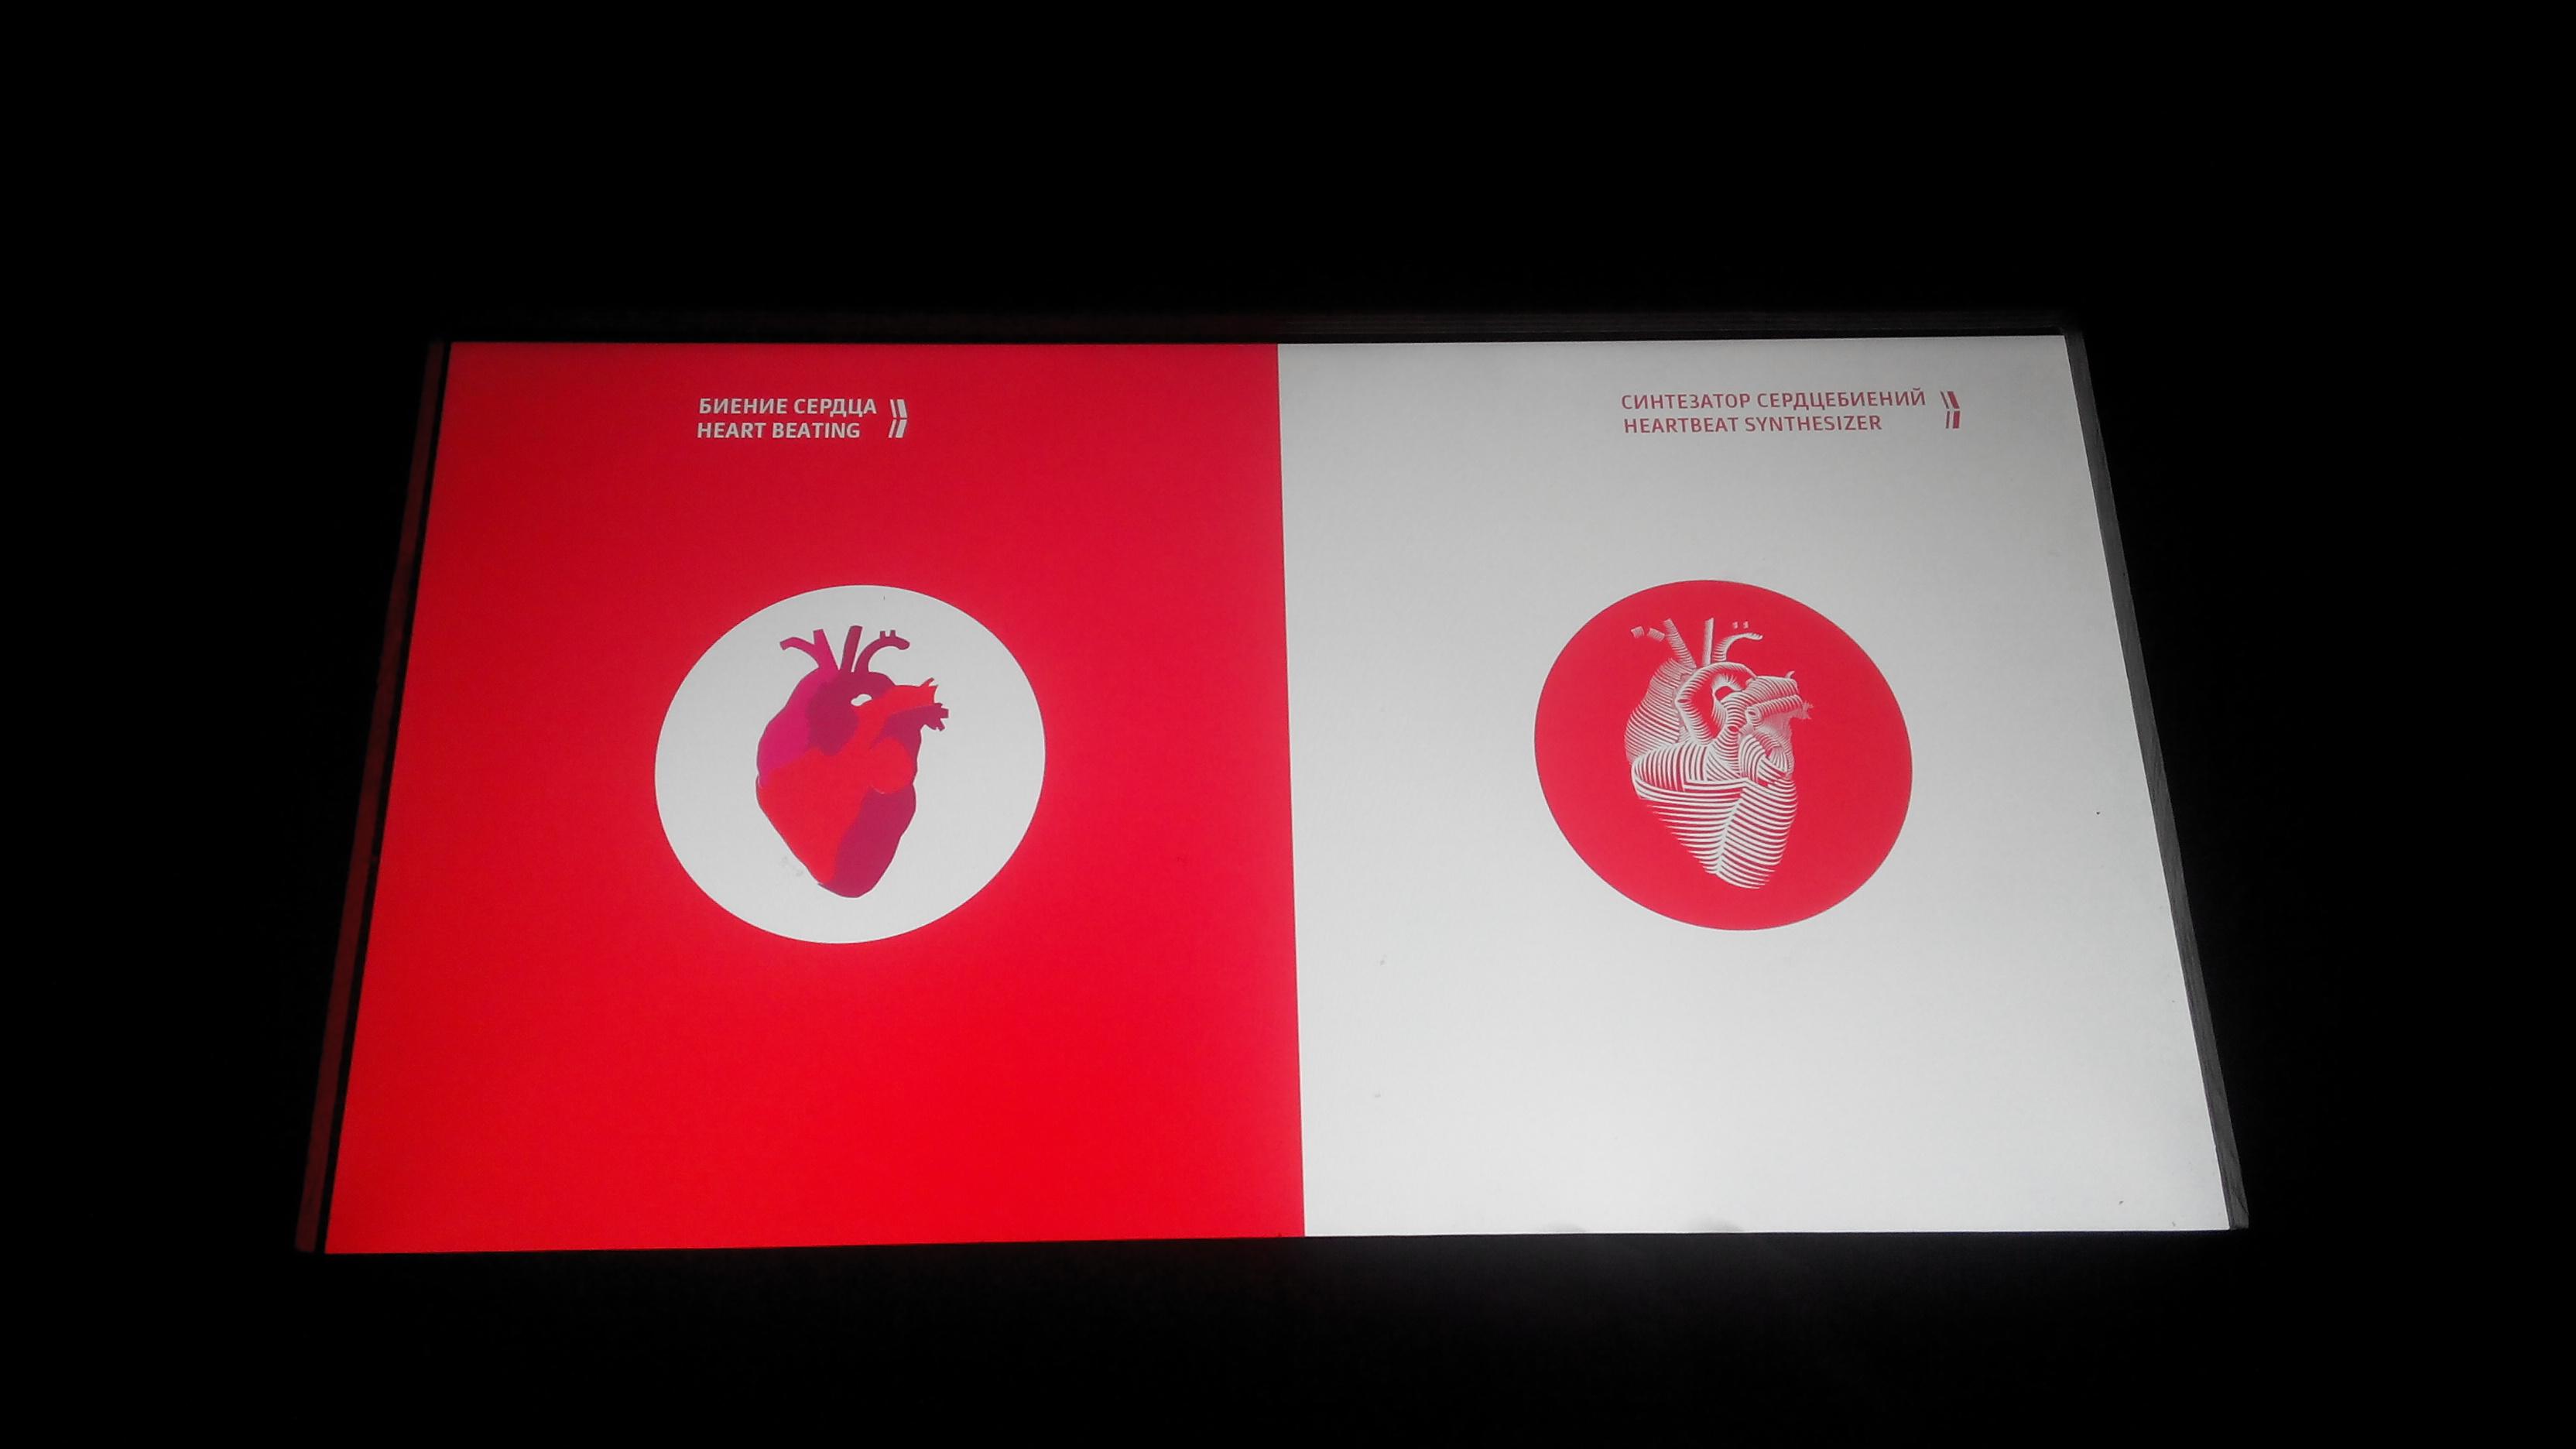 Синтезатор сердцебиений